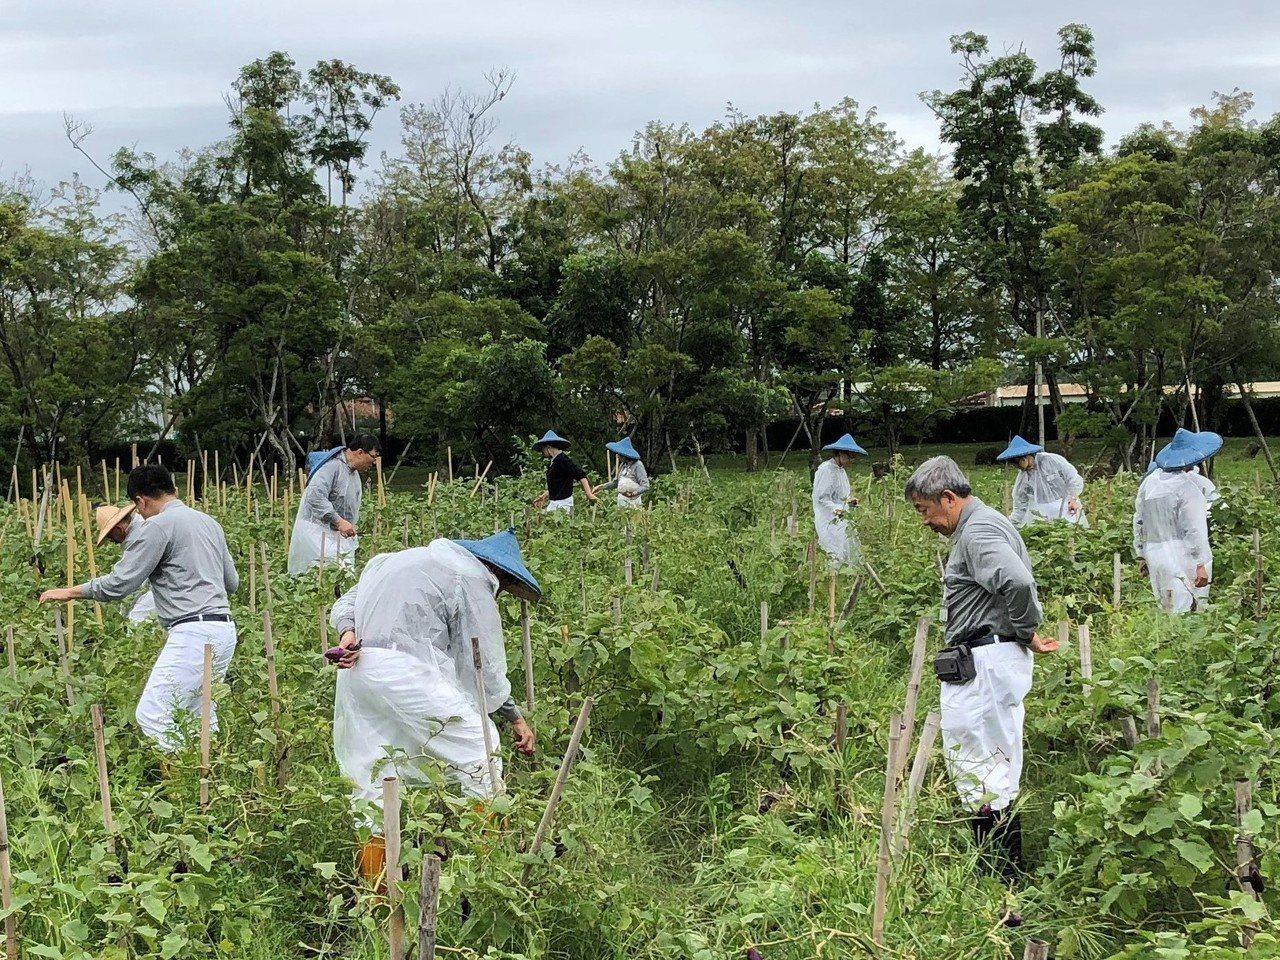 數百位慈濟職員體驗靜思精舍法師「自力耕生」的農禪生活。圖/慈濟基金會提供